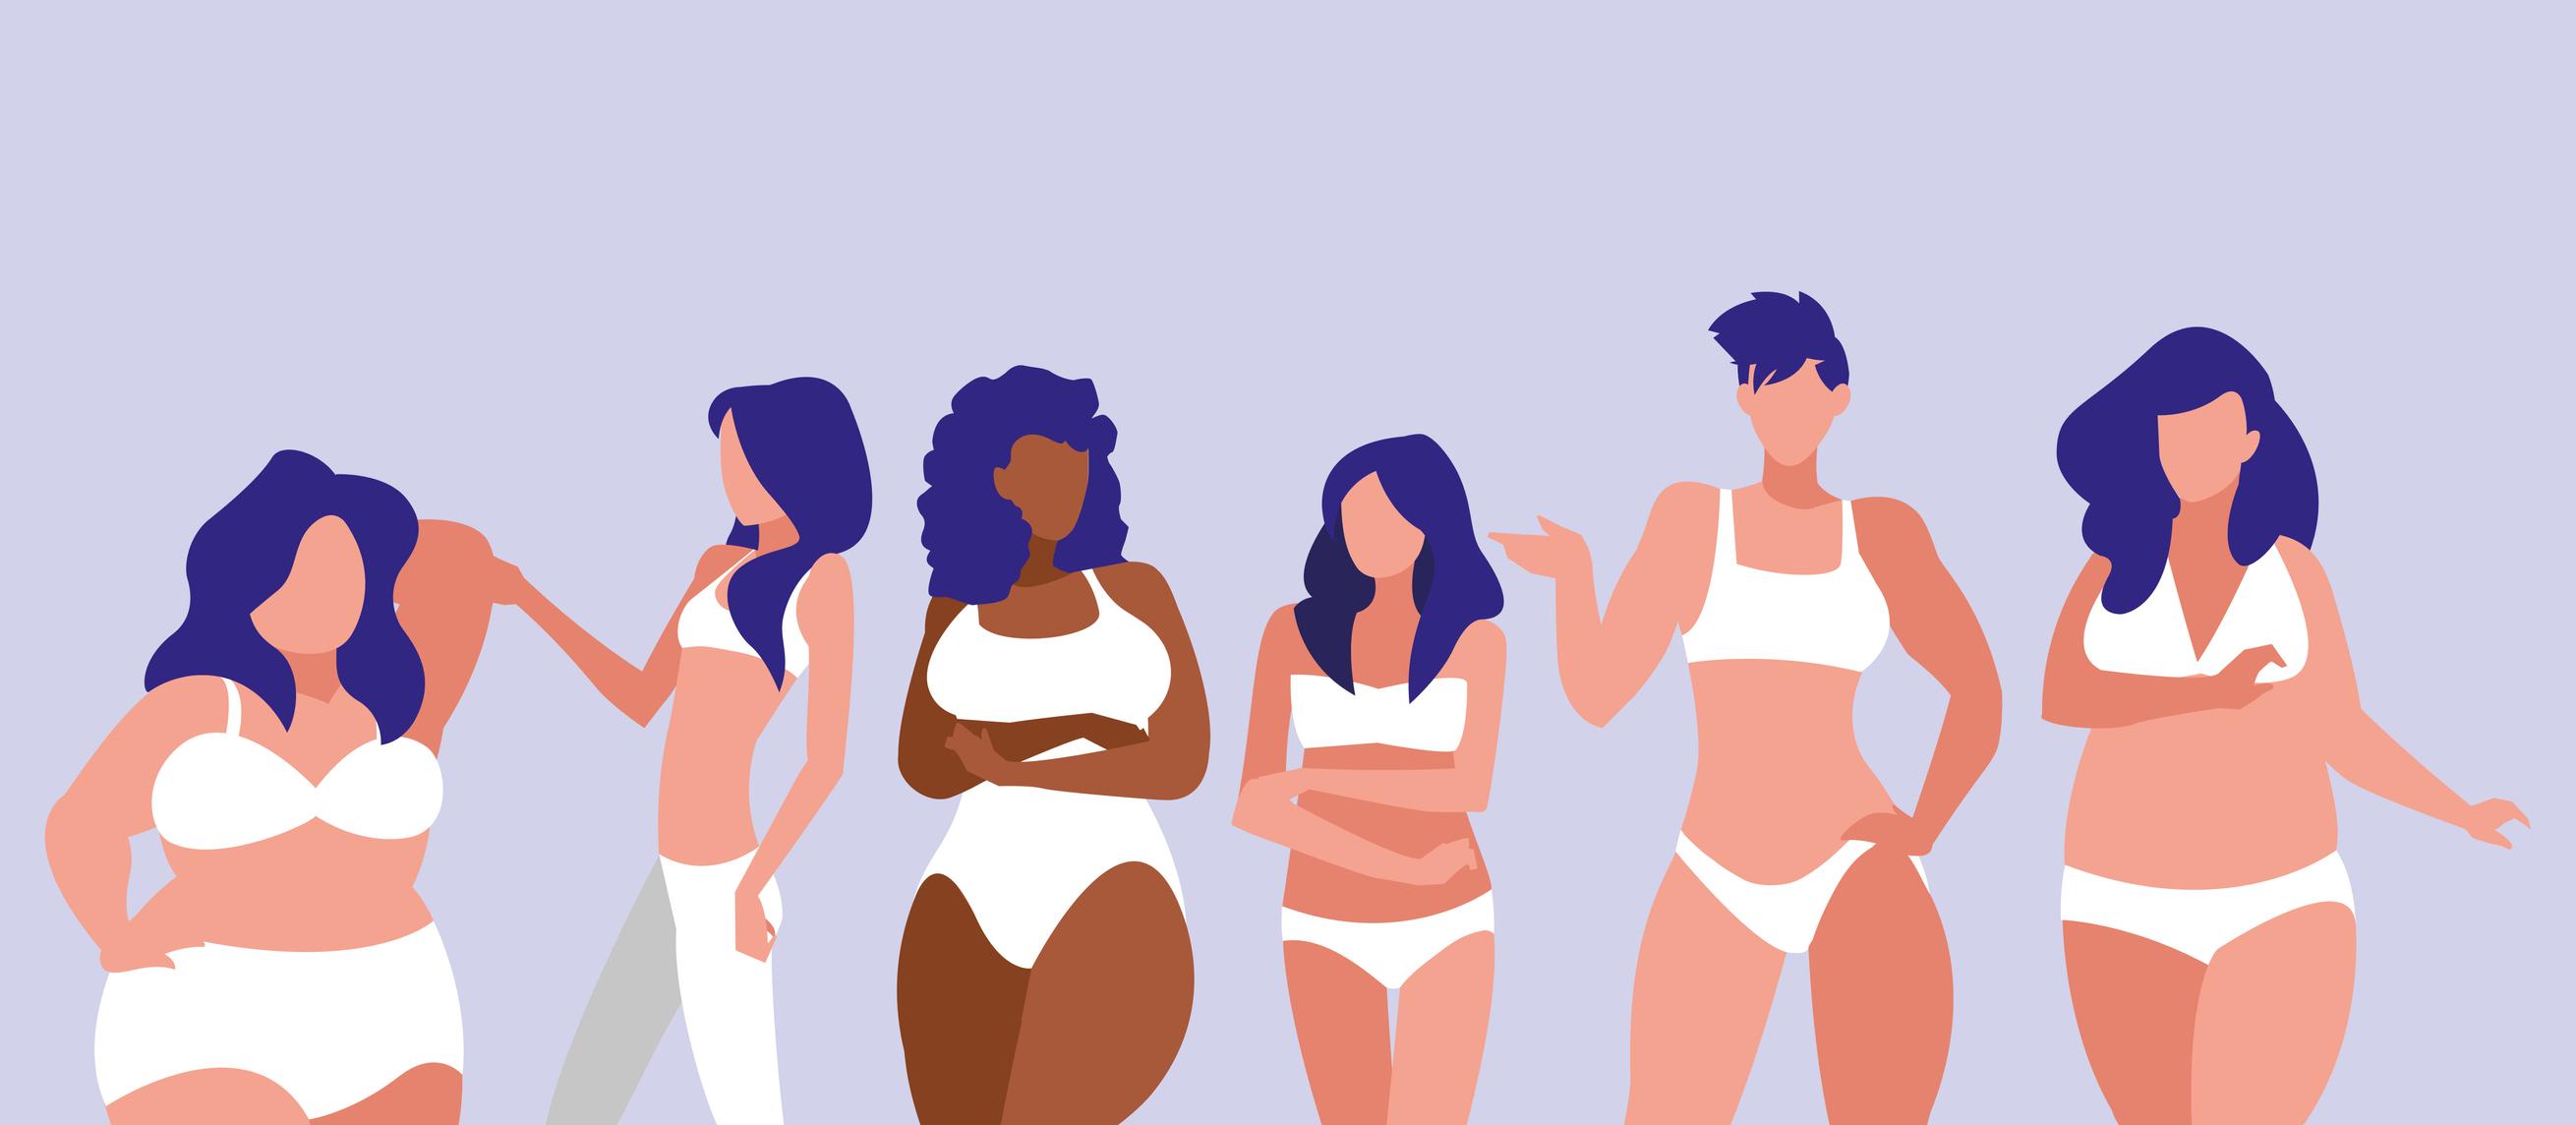 Toksyczne wzroce kobiecości: jak z nimi walczyć? Zdradza Sara Cicherska